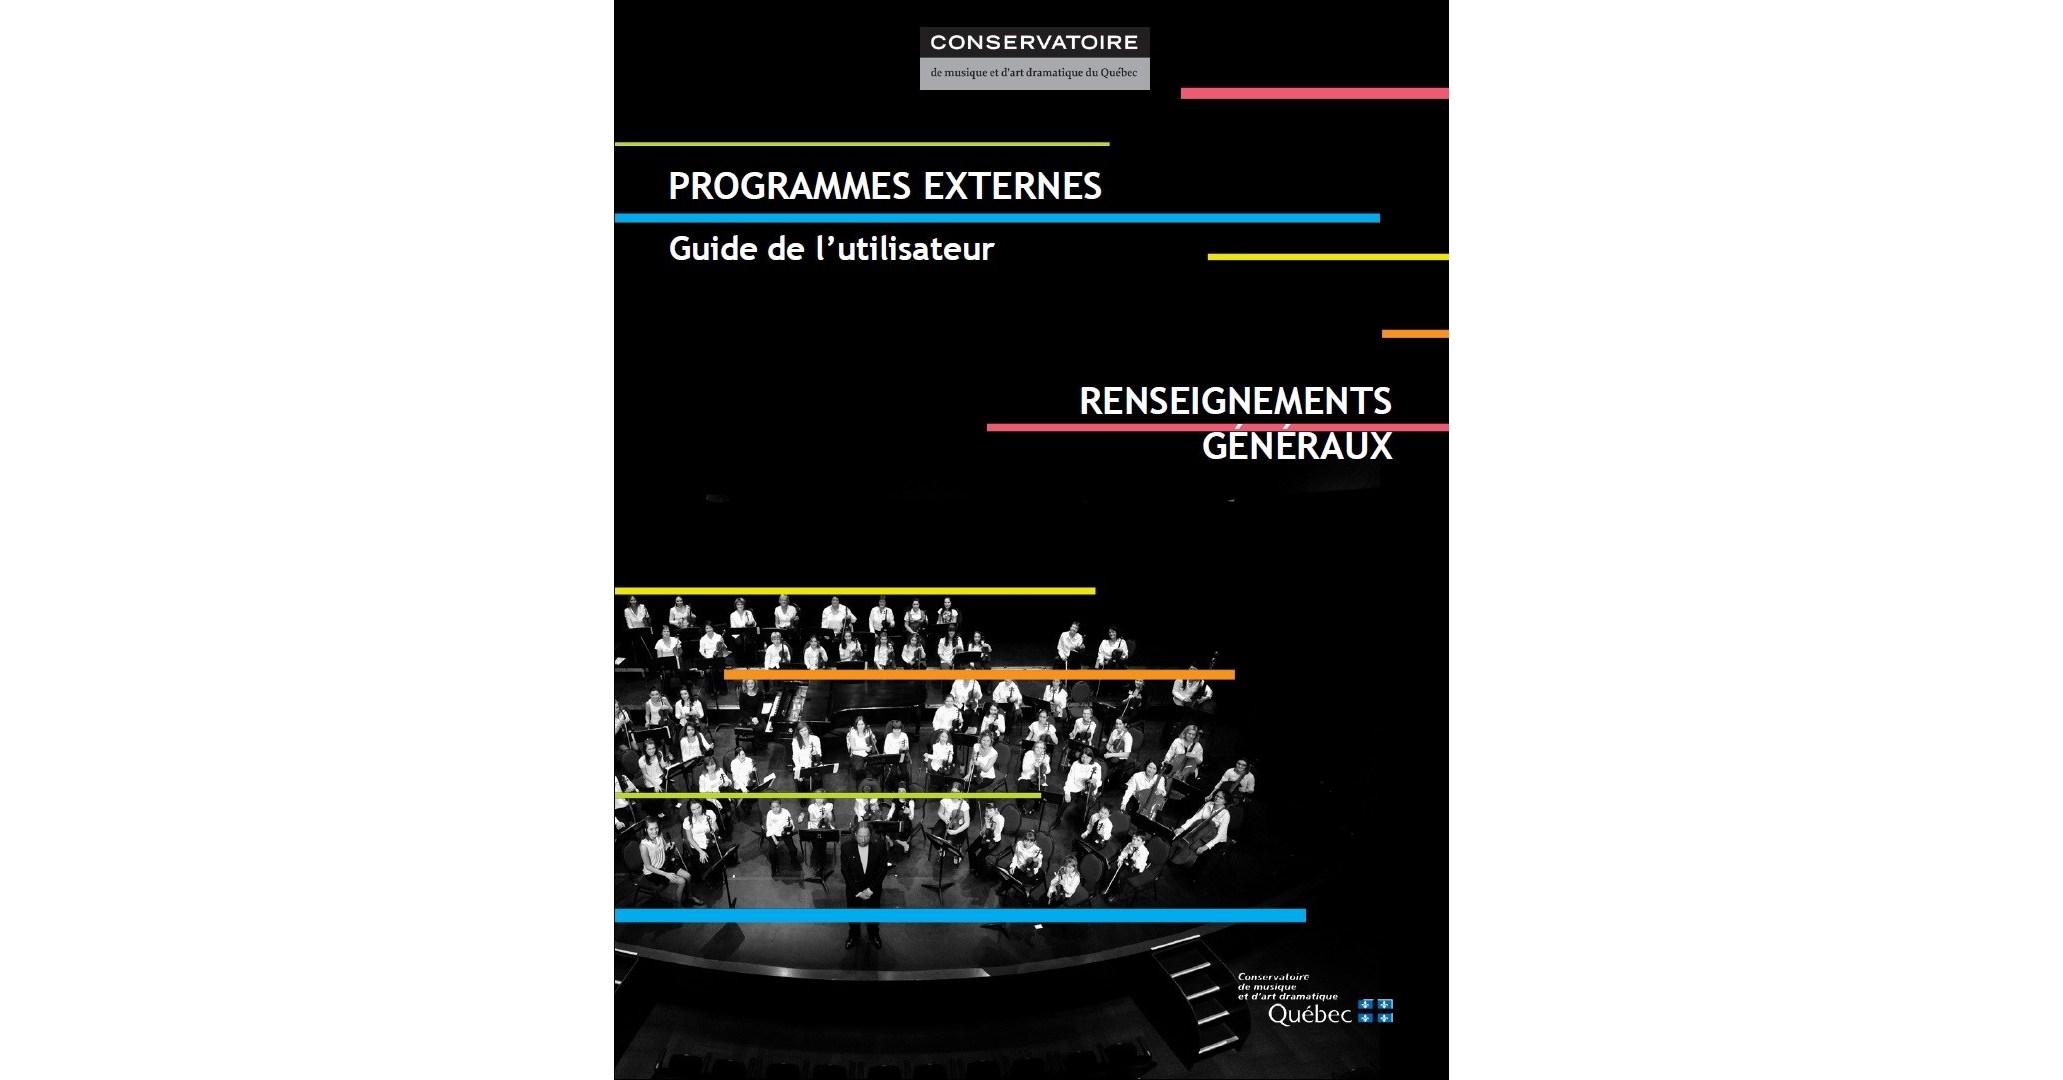 Une r dition des programmes externes du conservatoire for Art dramatique